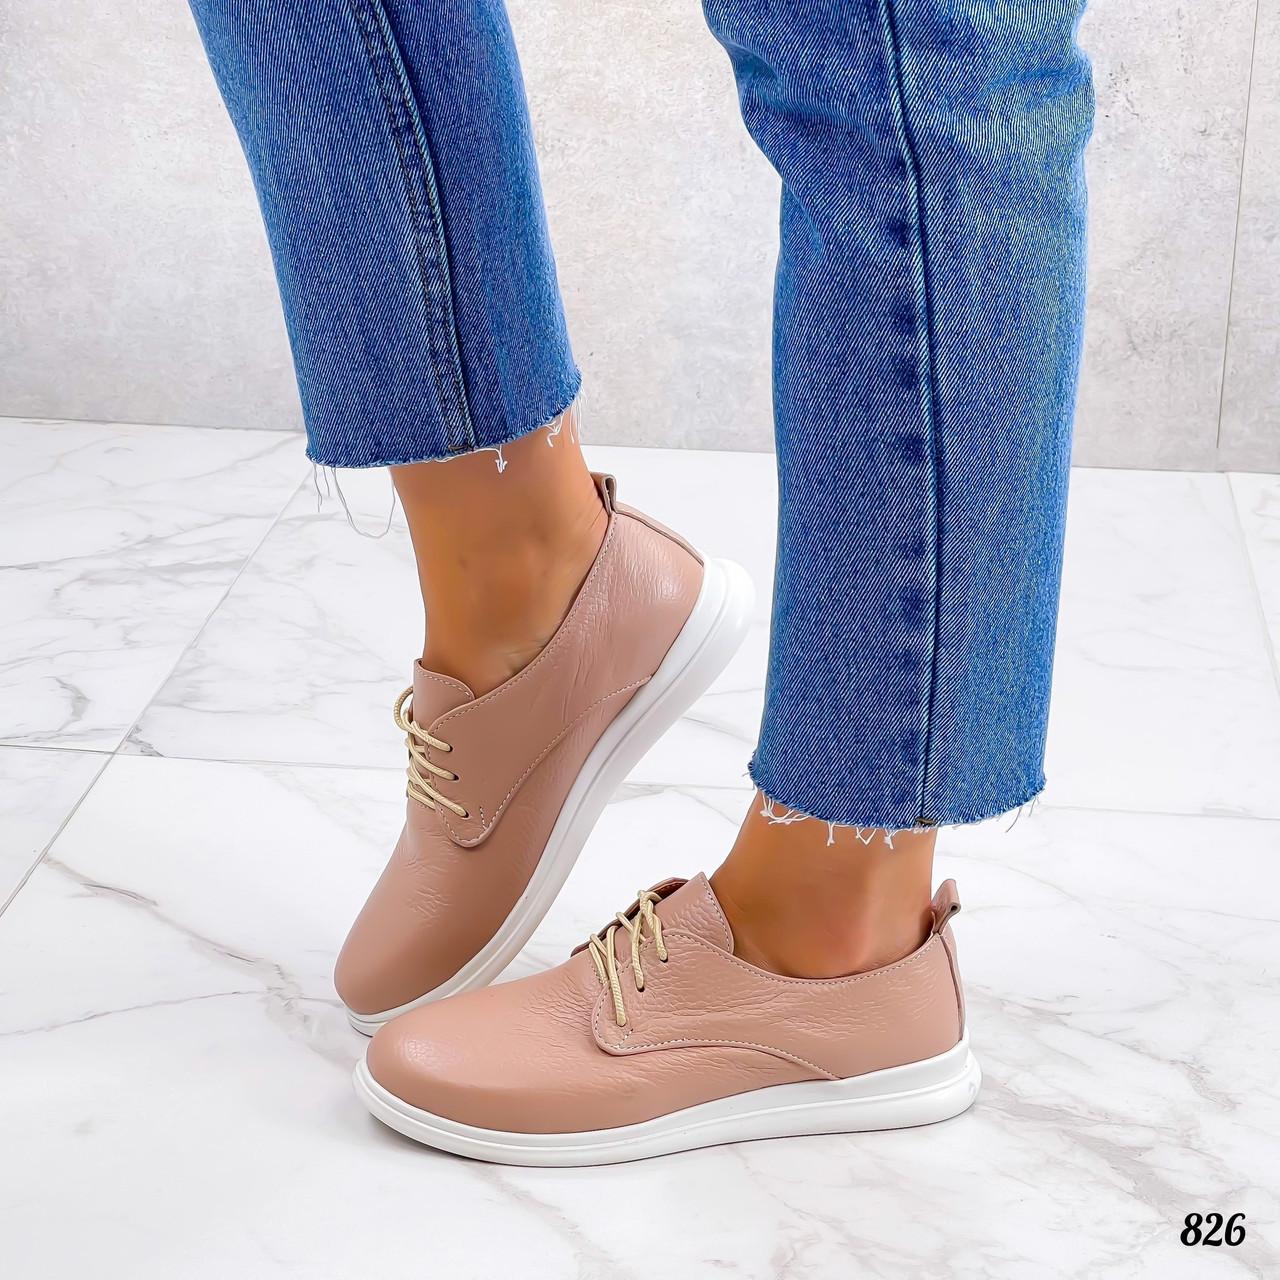 Жіночі шкіряні туфлі на шнурівці 36-40 р пудра